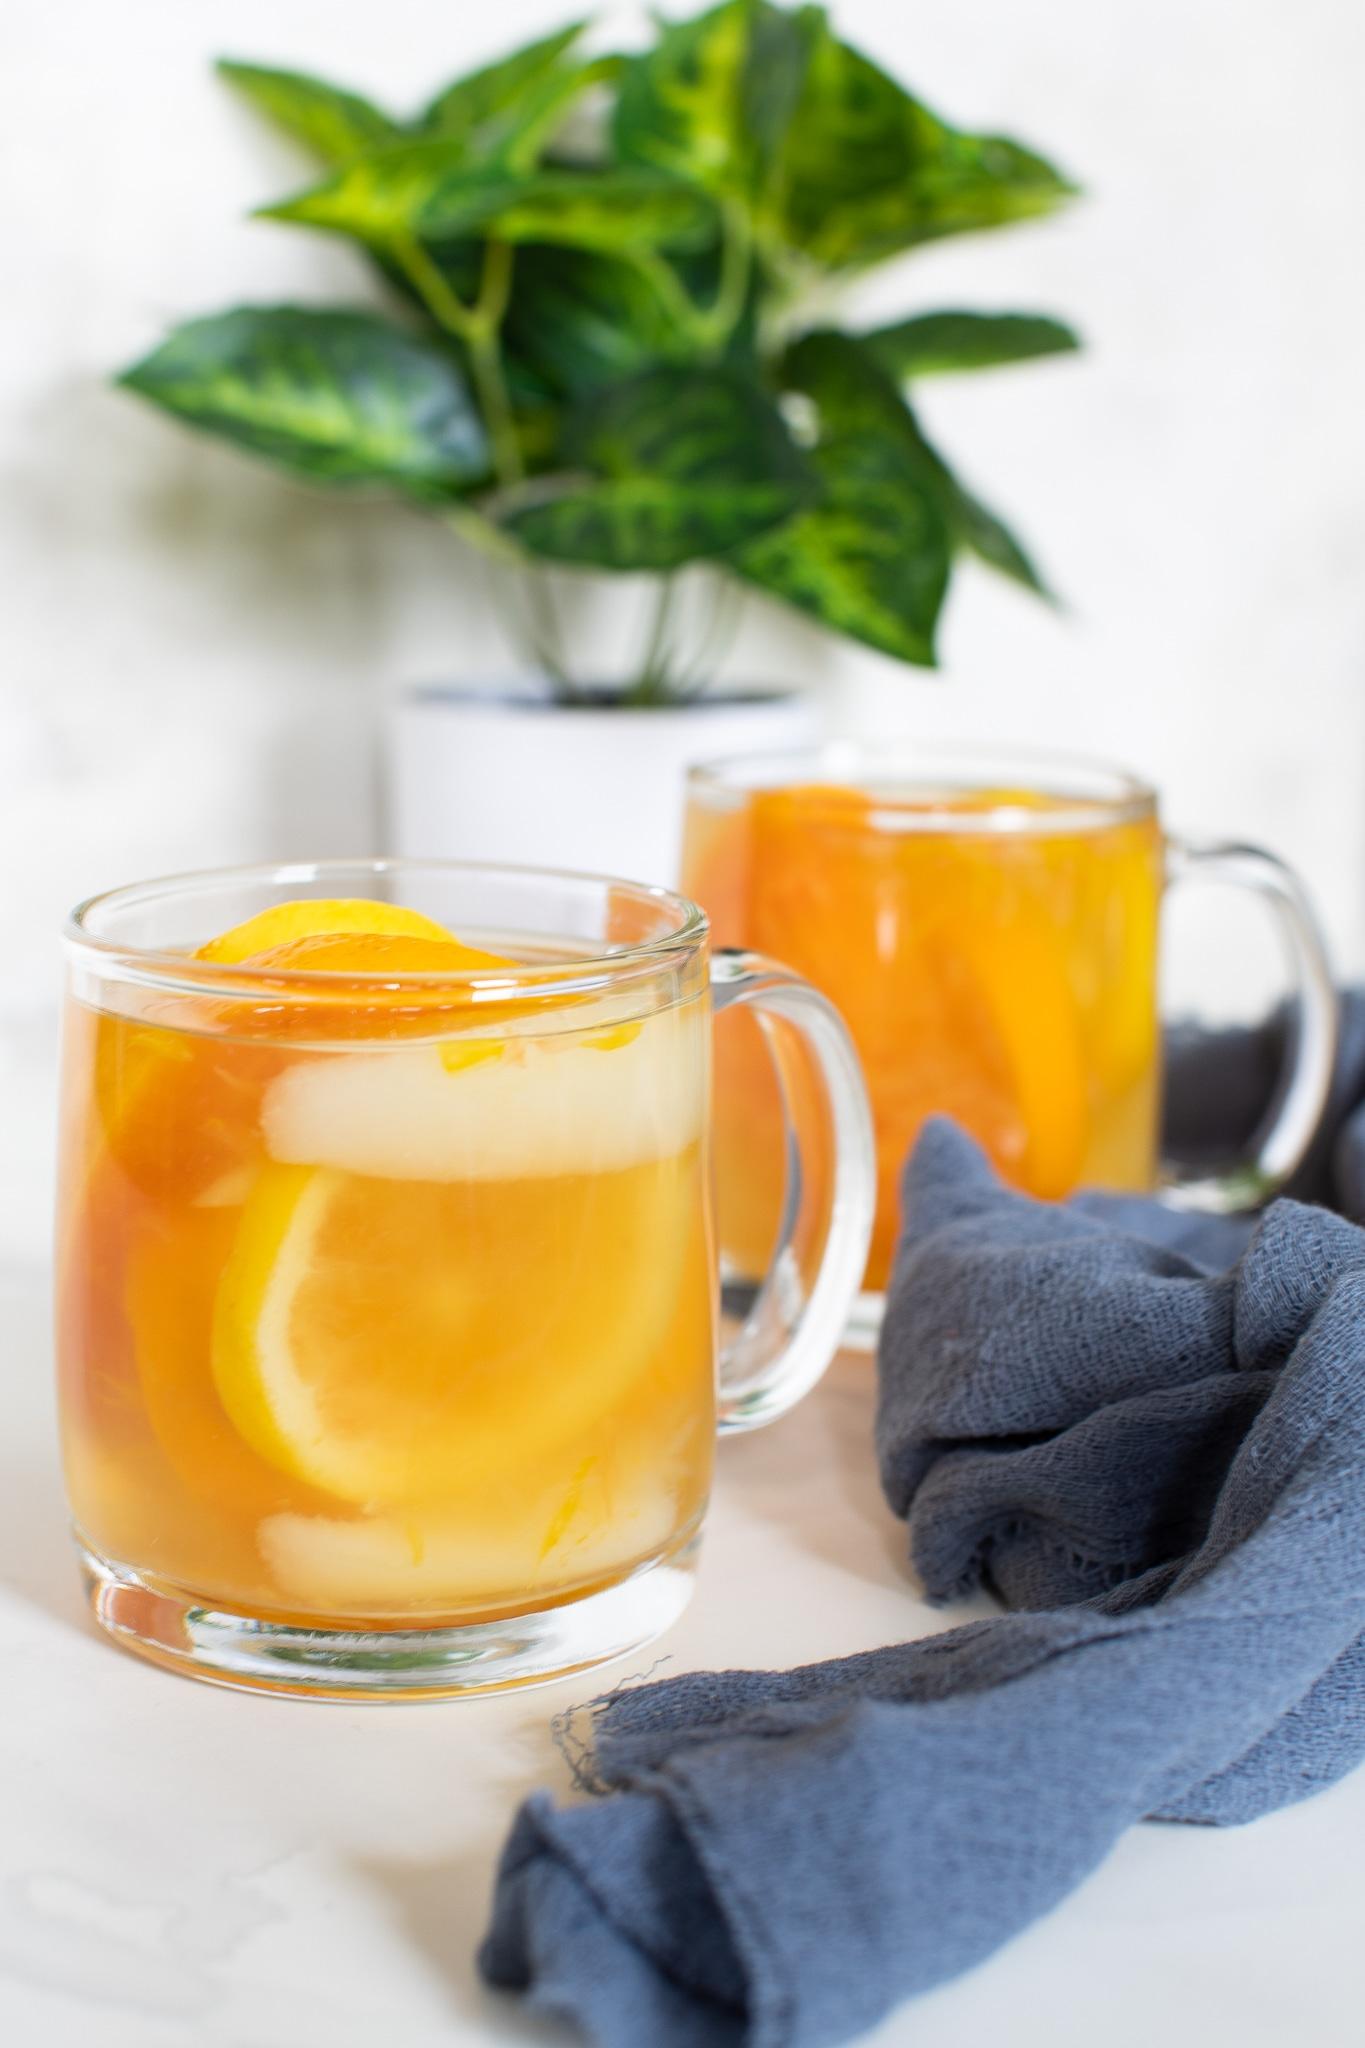 Healthy Citrus Pear Ginger Detox Tea